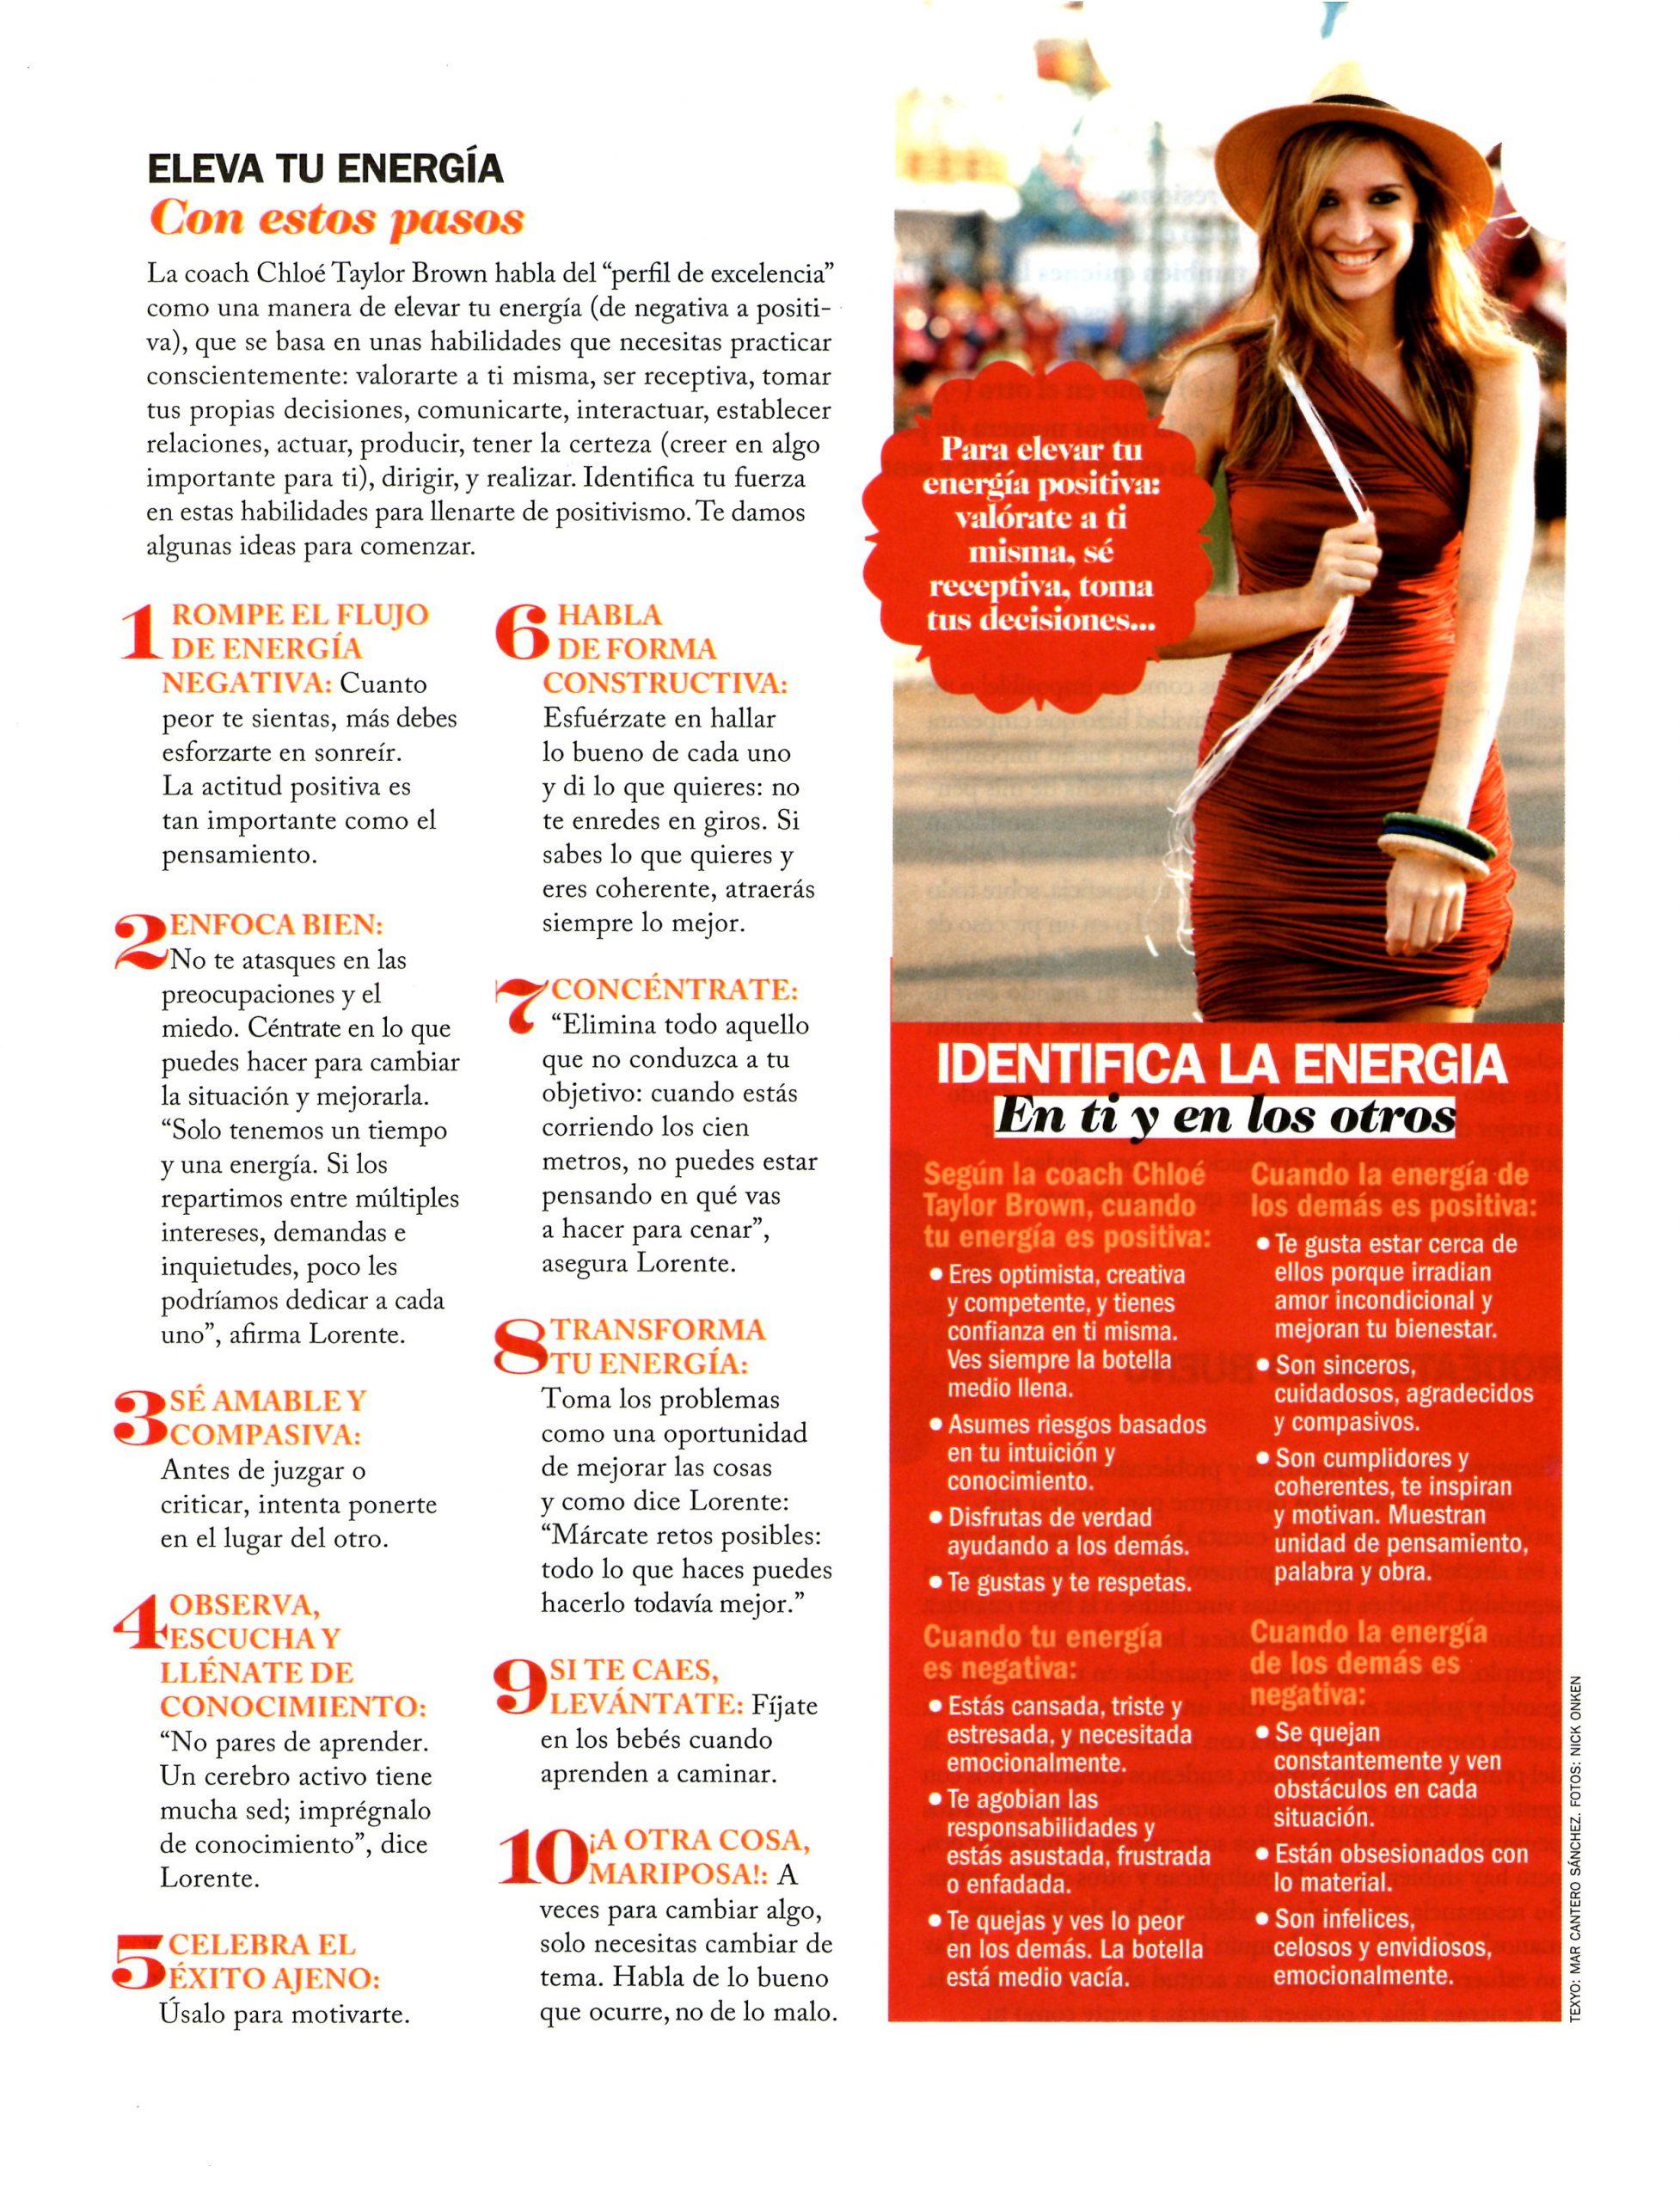 Objetivo Bienestar Nº 6, Cumples o descumples, portada, Mar Cantero Sánchez